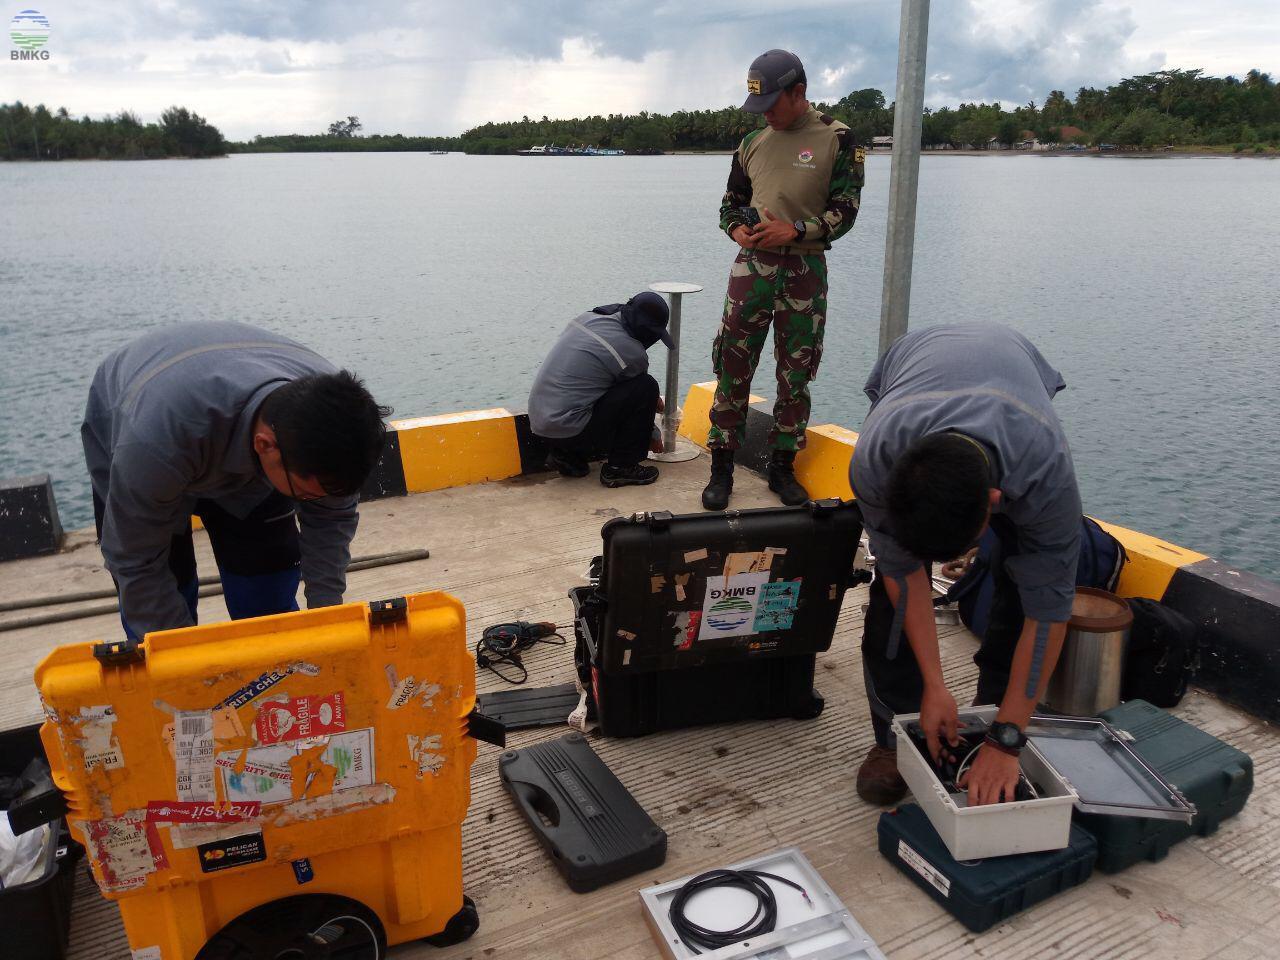 BMKG Memasang Alat Pengukur Ketinggian Air di Pulau Sebesi